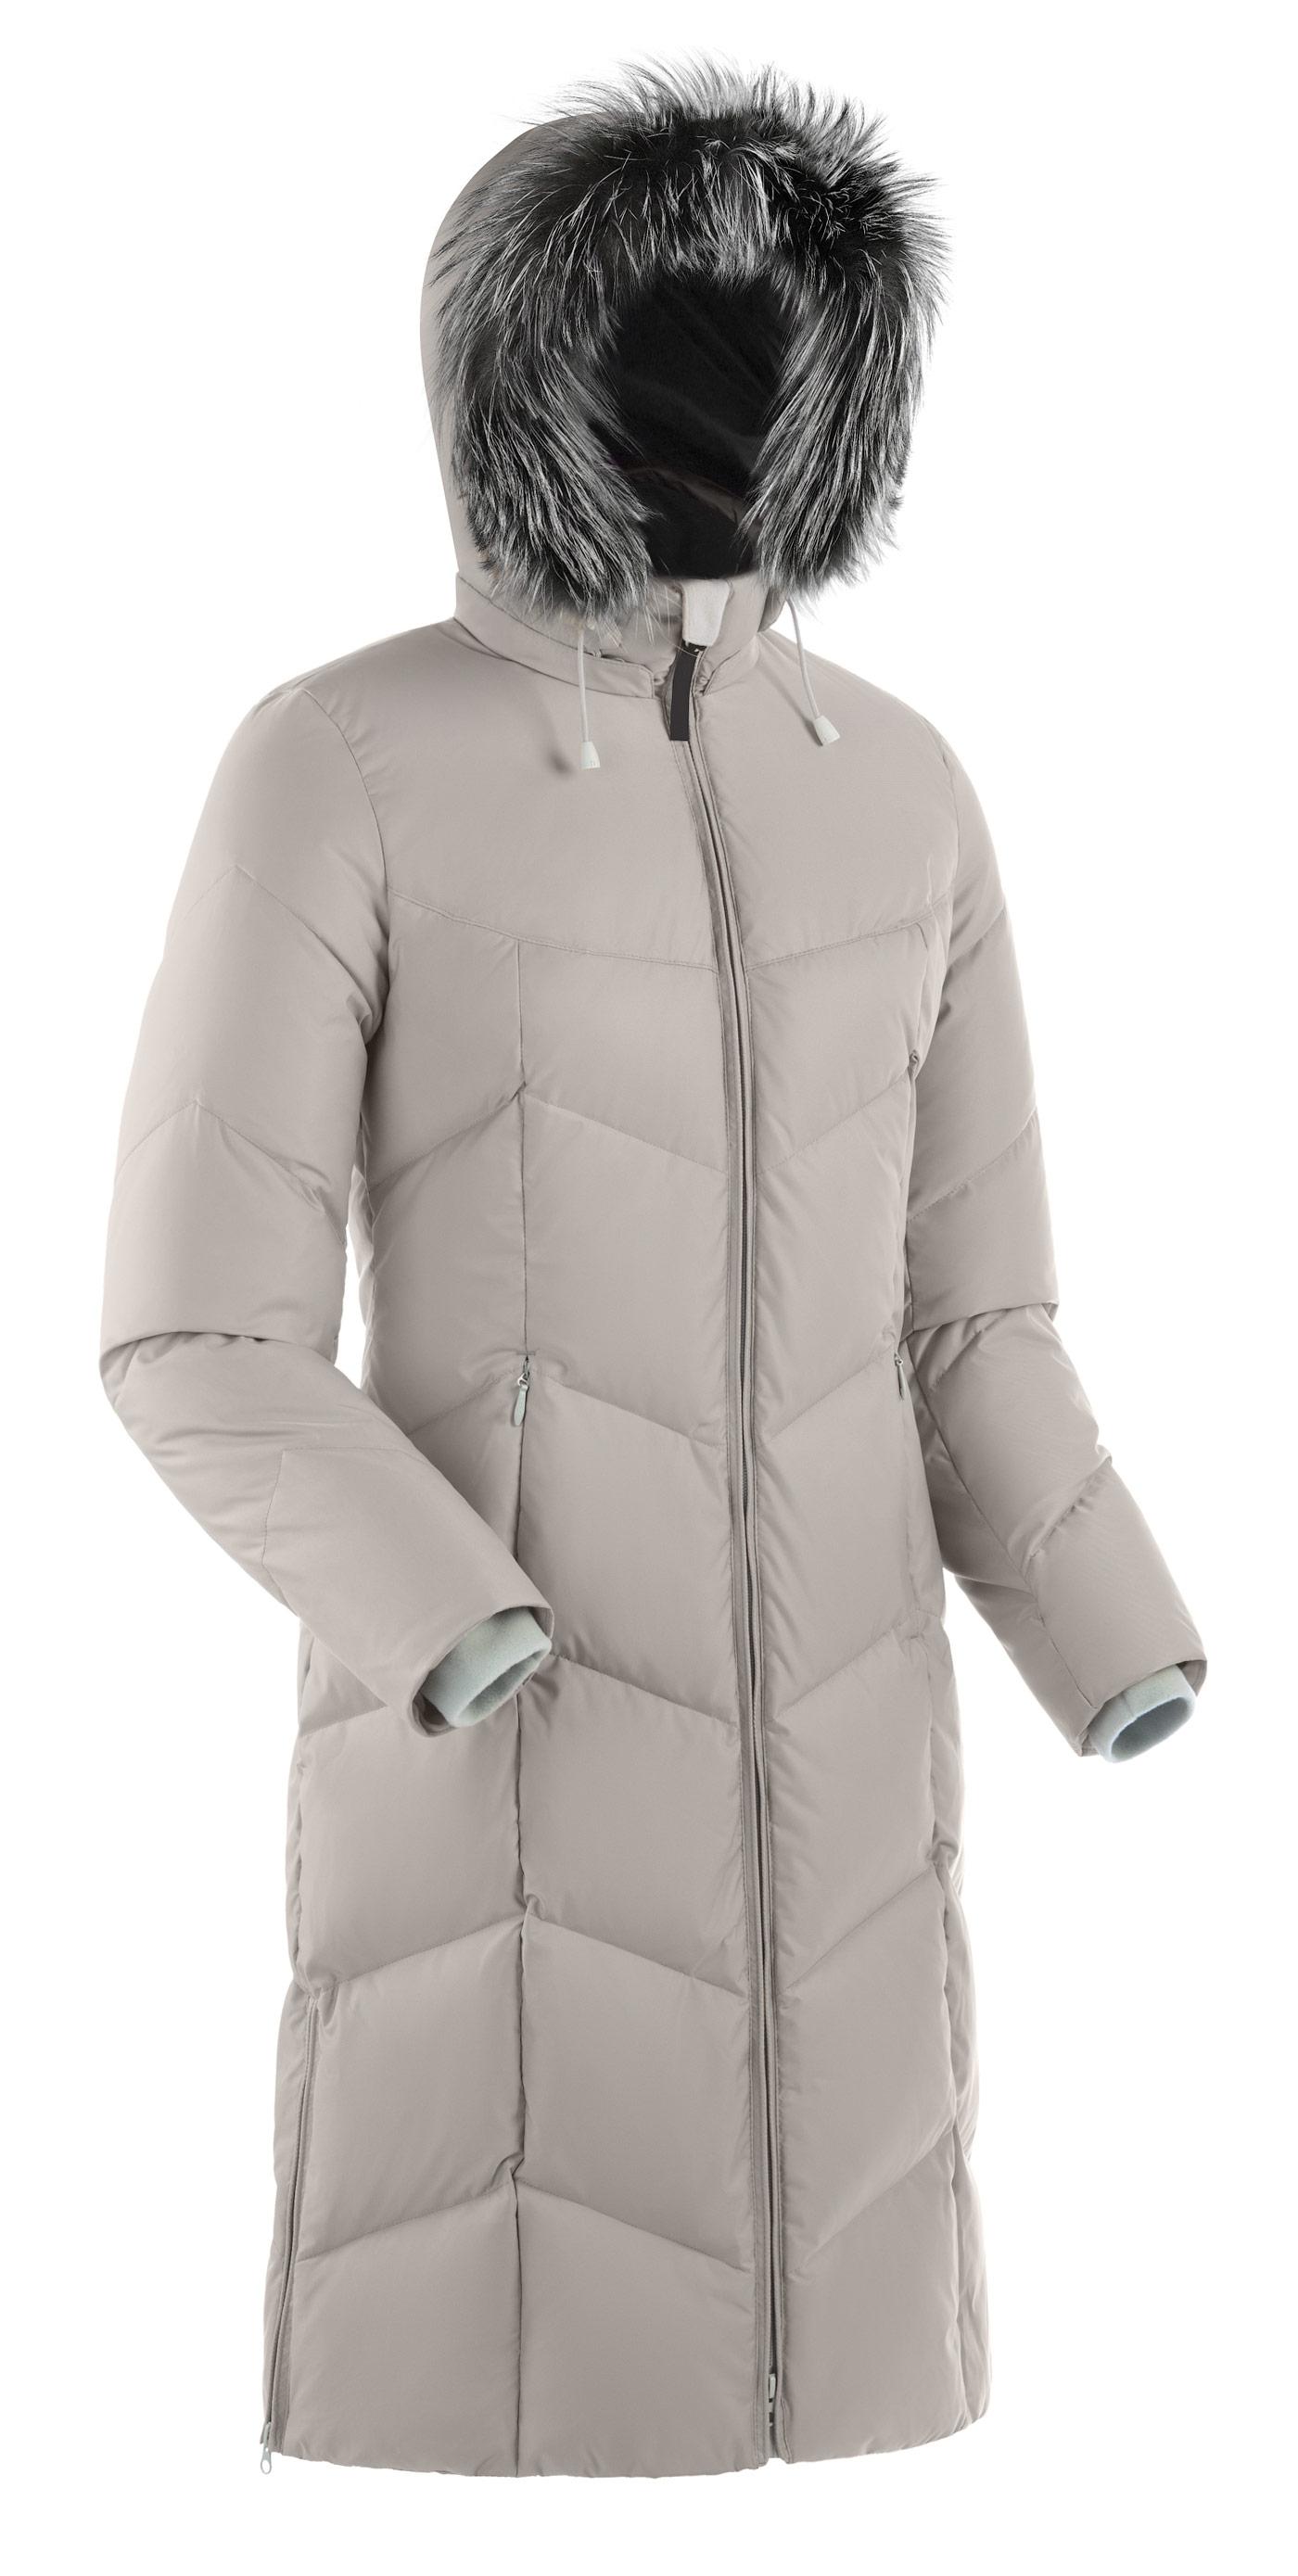 Пальто пуховое женское BASK ROUTE V3 серый свтл, Пальто - арт. 164890409